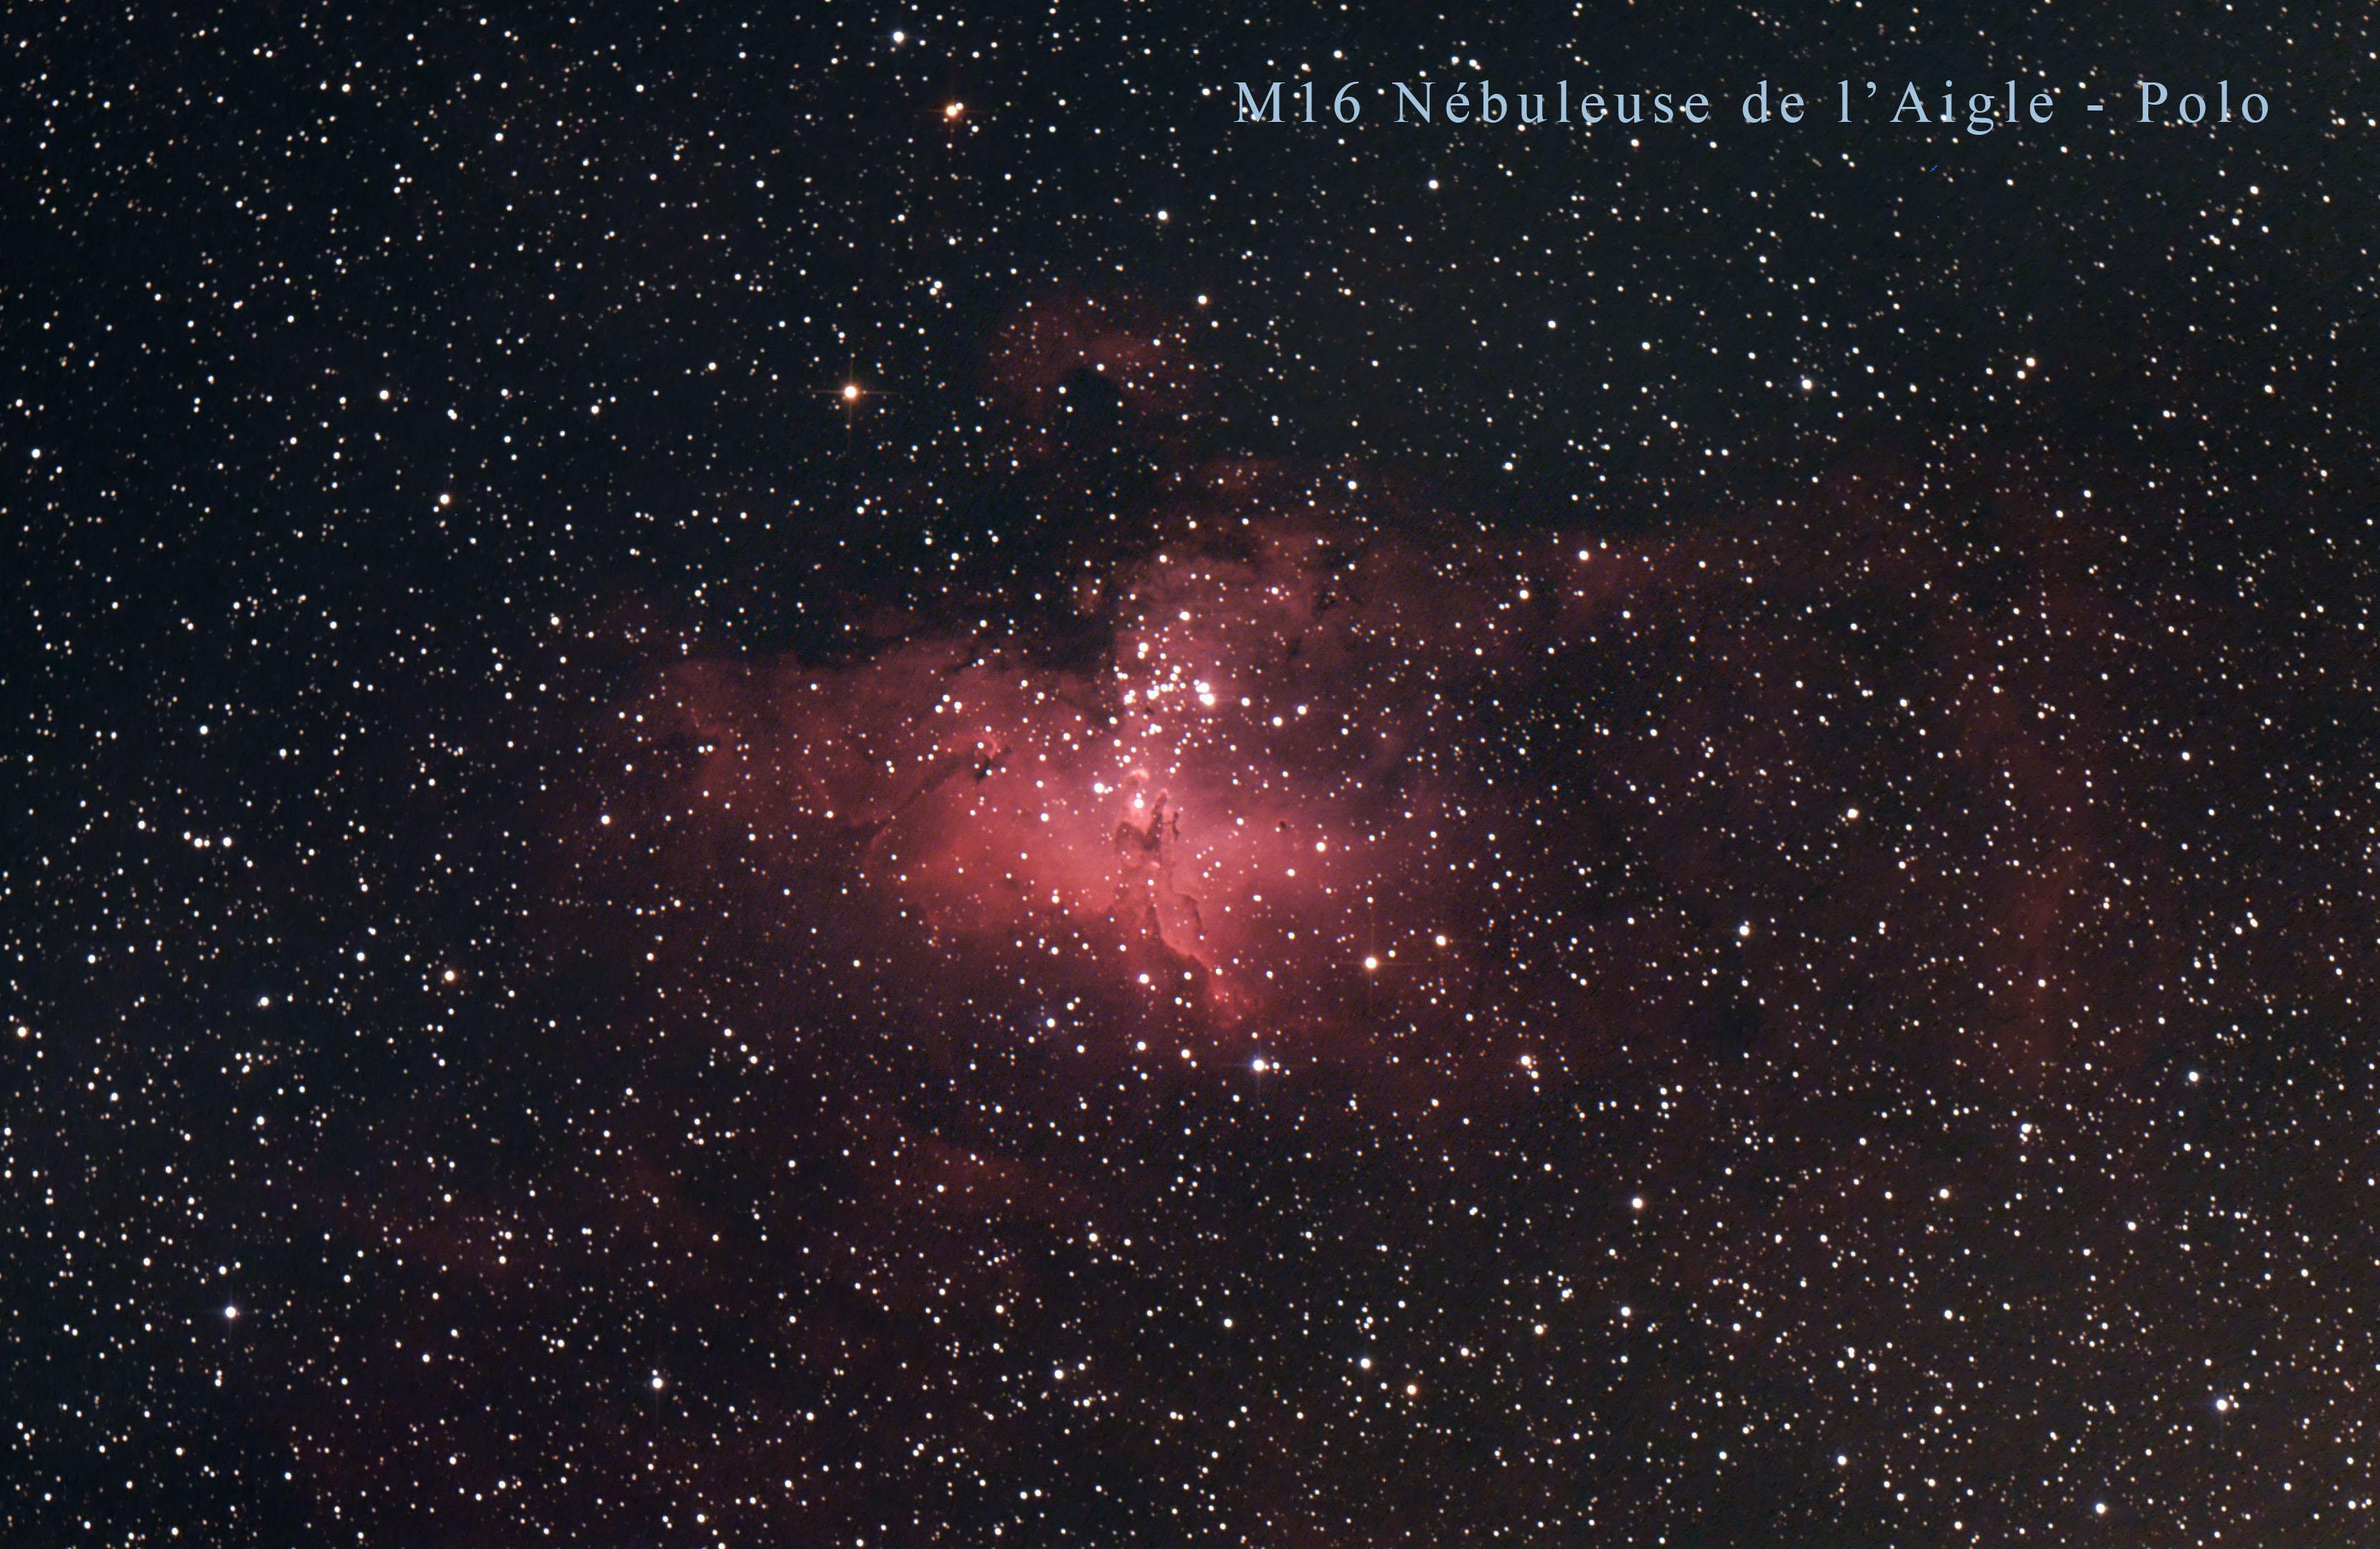 M16 la Nébuleuse de l'Aigle par polo.jpg